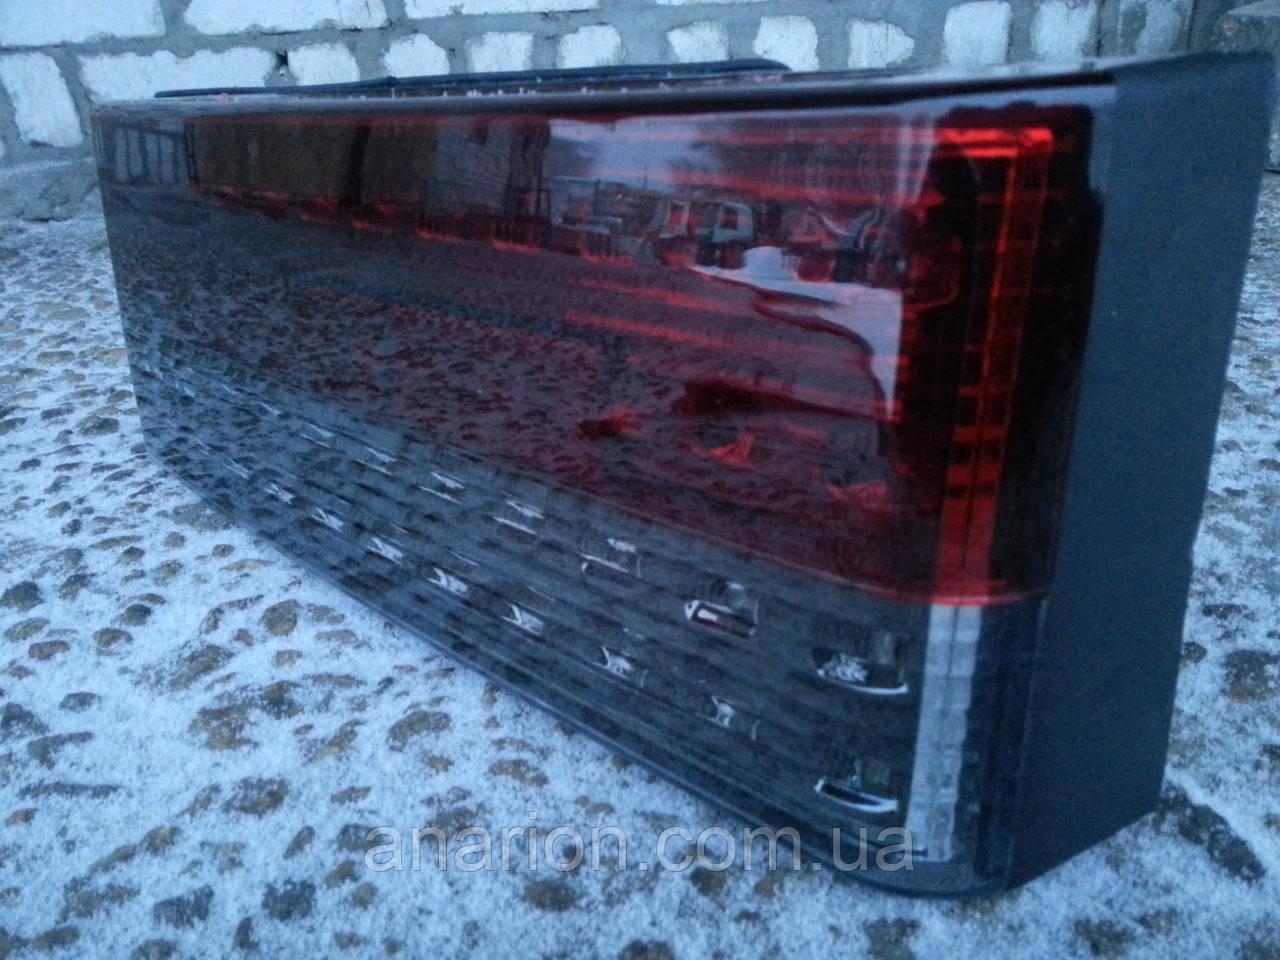 Задние диодные фонари на ВАЗ 2109 Торнадо №268б